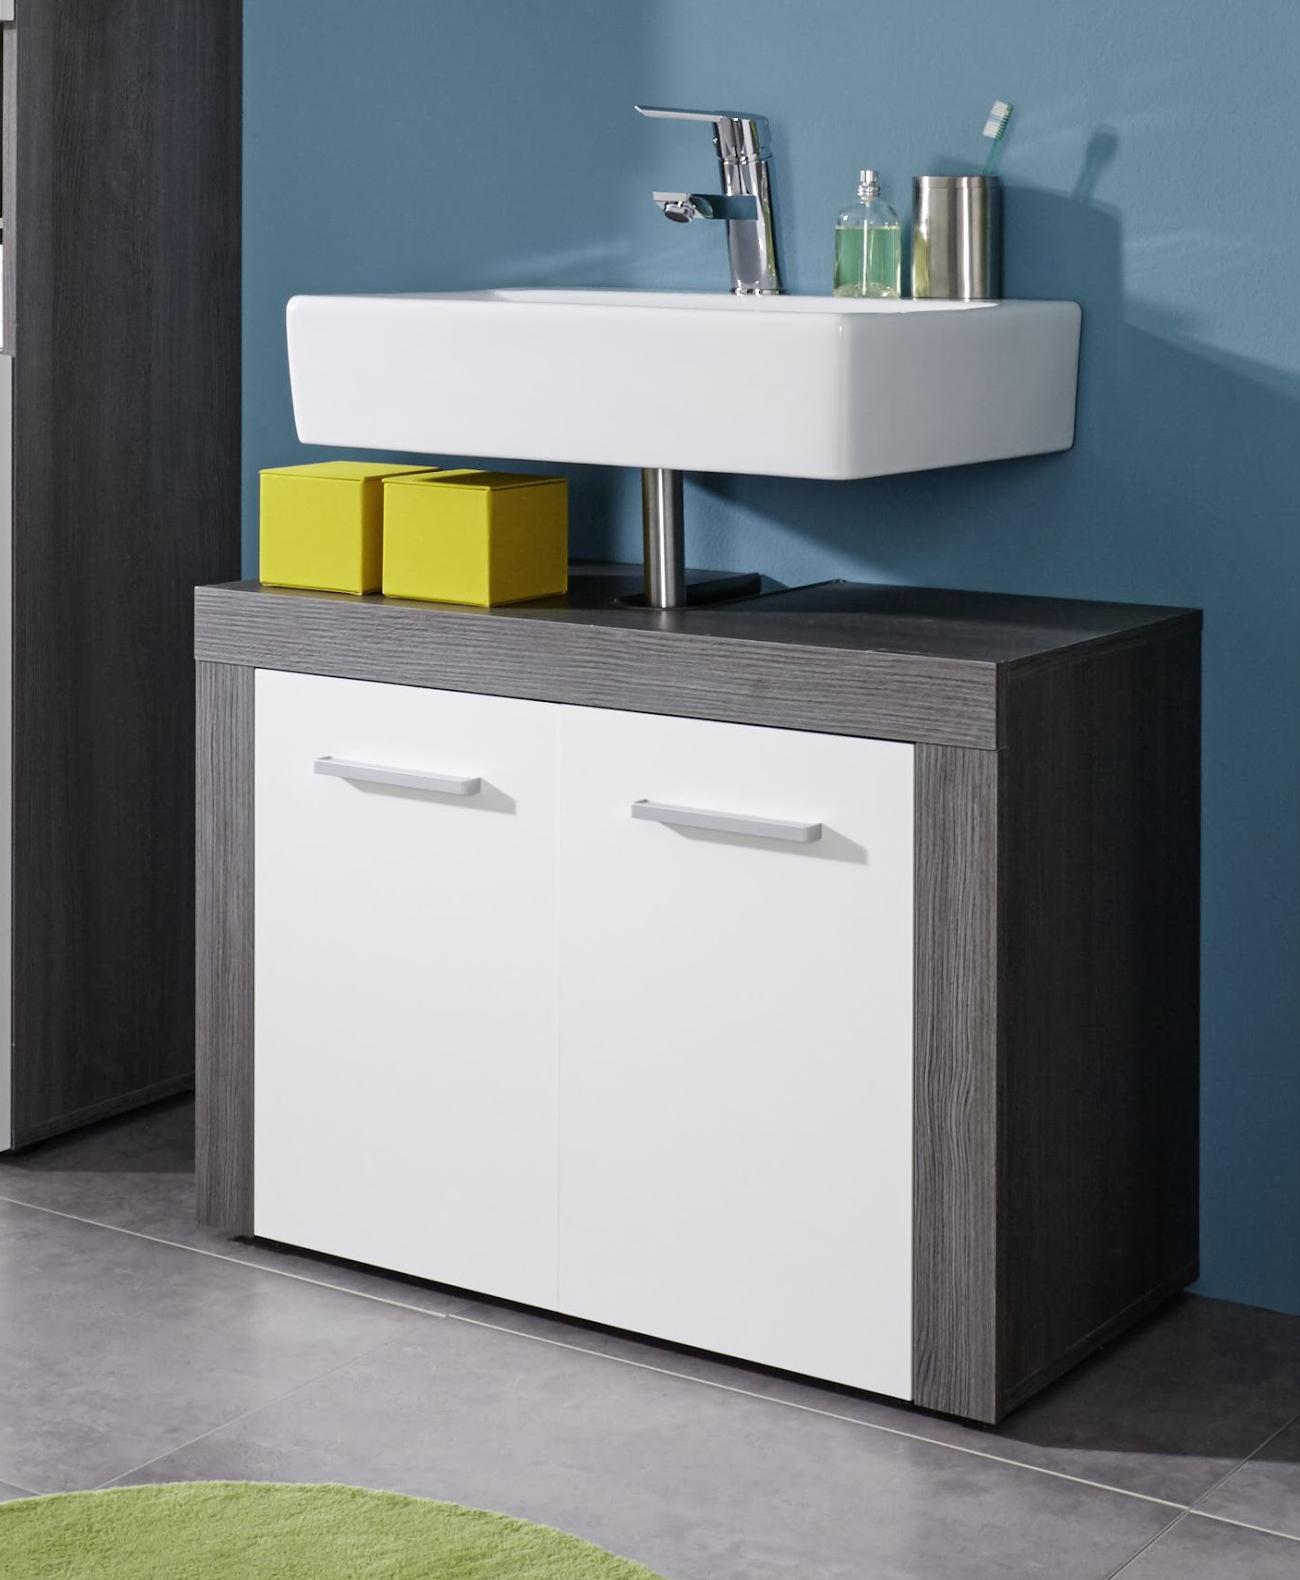 Meuble sous lavabo contemporain coloris gris foncé/blanc Bergamo ...